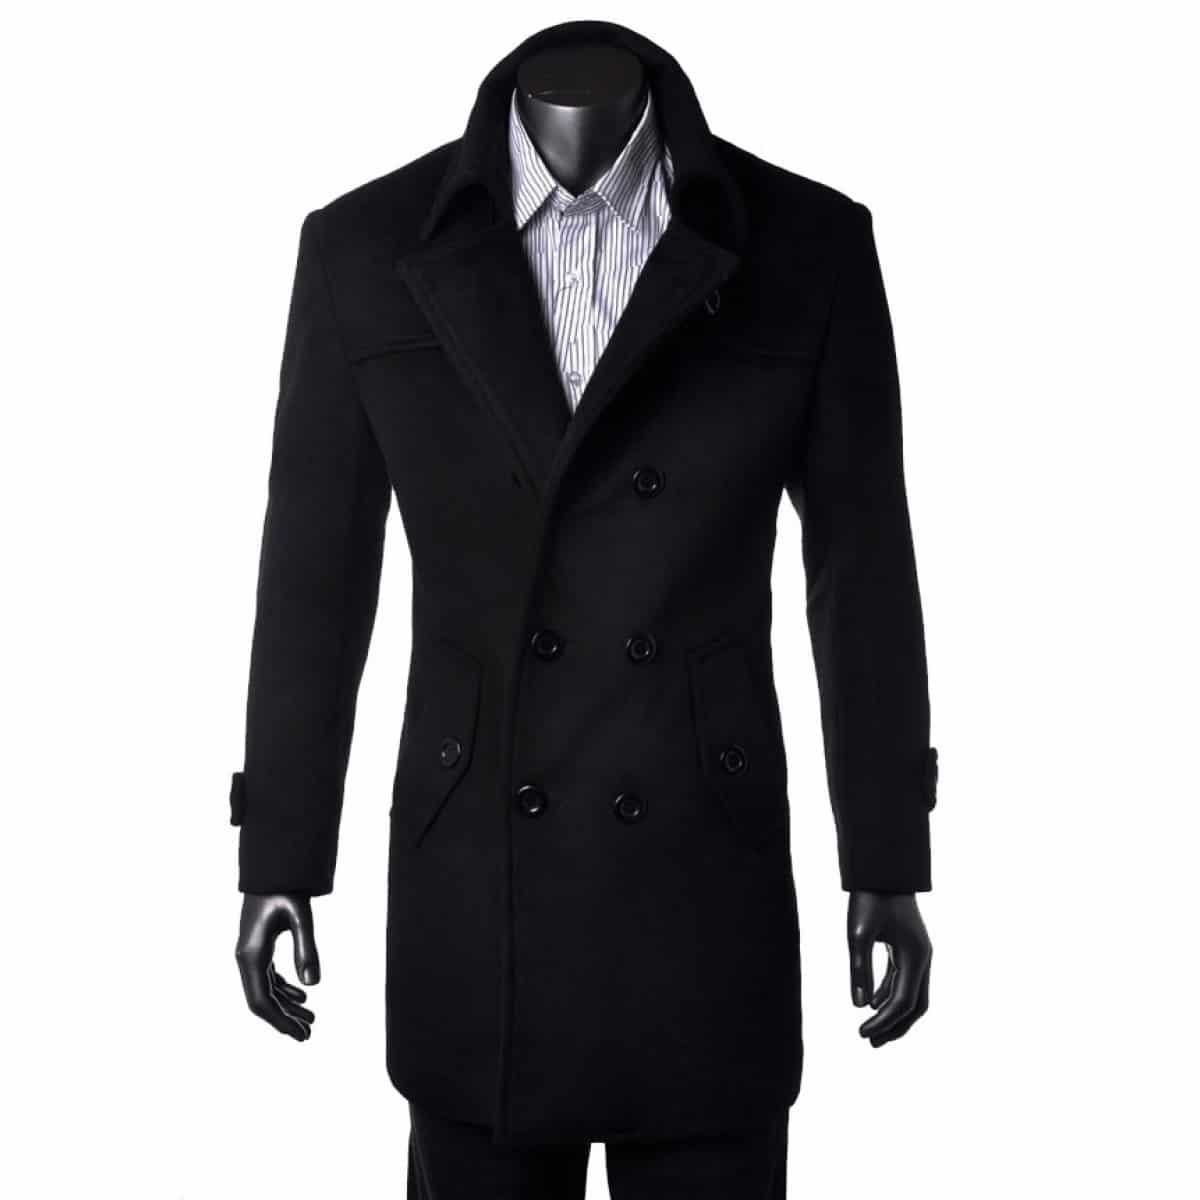 manteau long homme noir comment l 39 entretenir. Black Bedroom Furniture Sets. Home Design Ideas